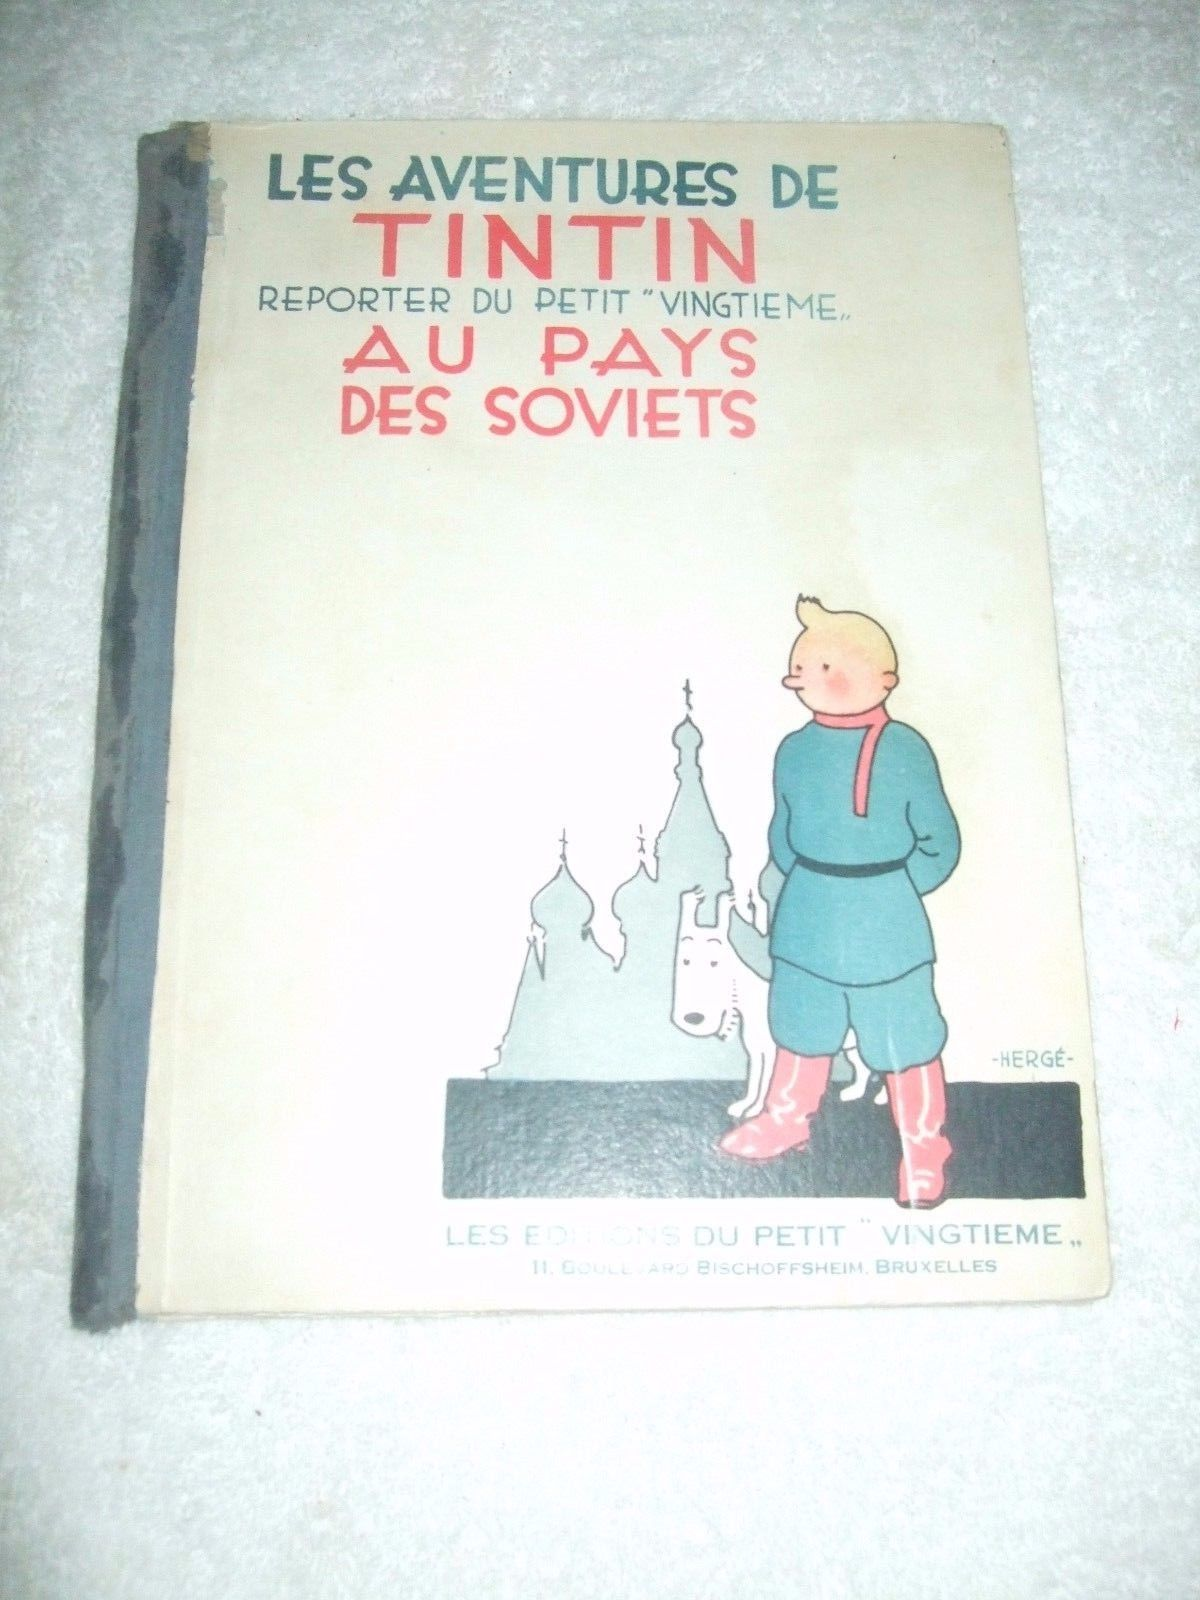 TINTIN au pays des soviets noir et blanc Etat moyen